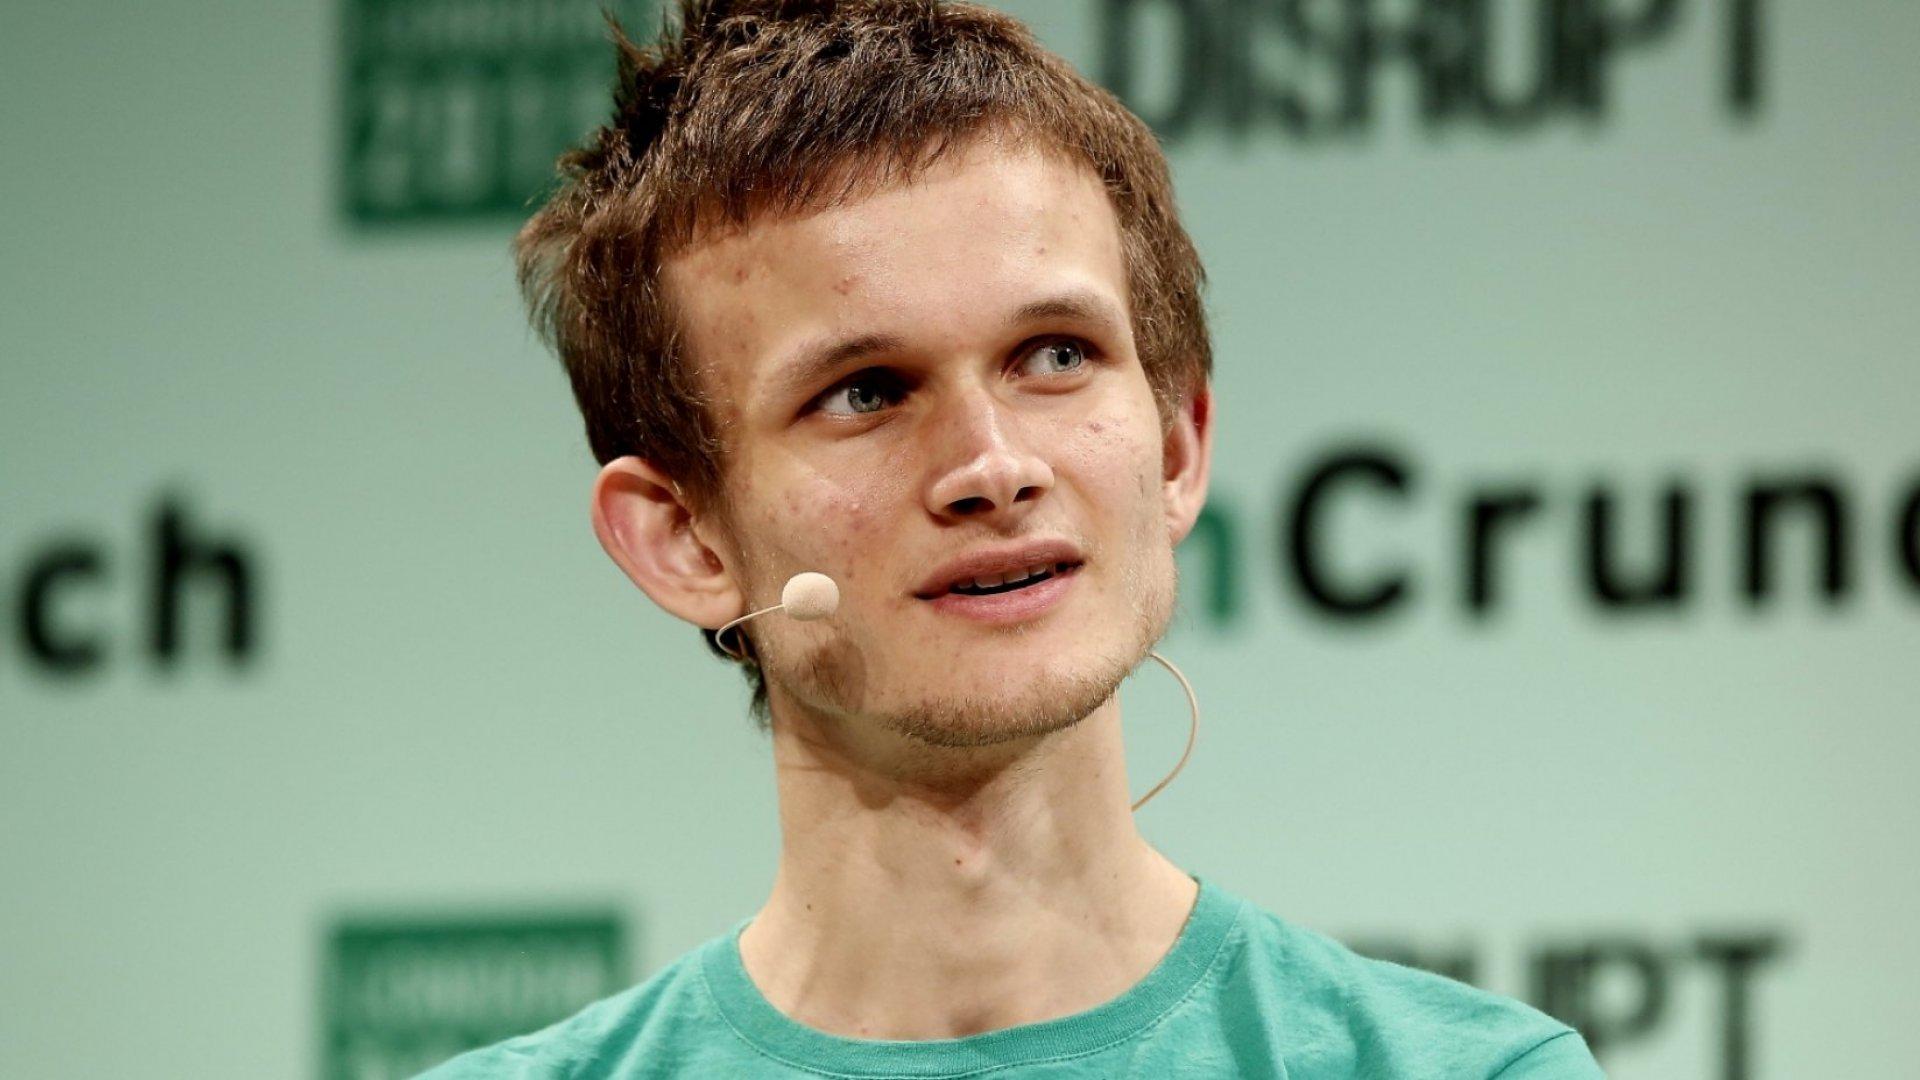 Ethereum Founder Vitalik Buterin.